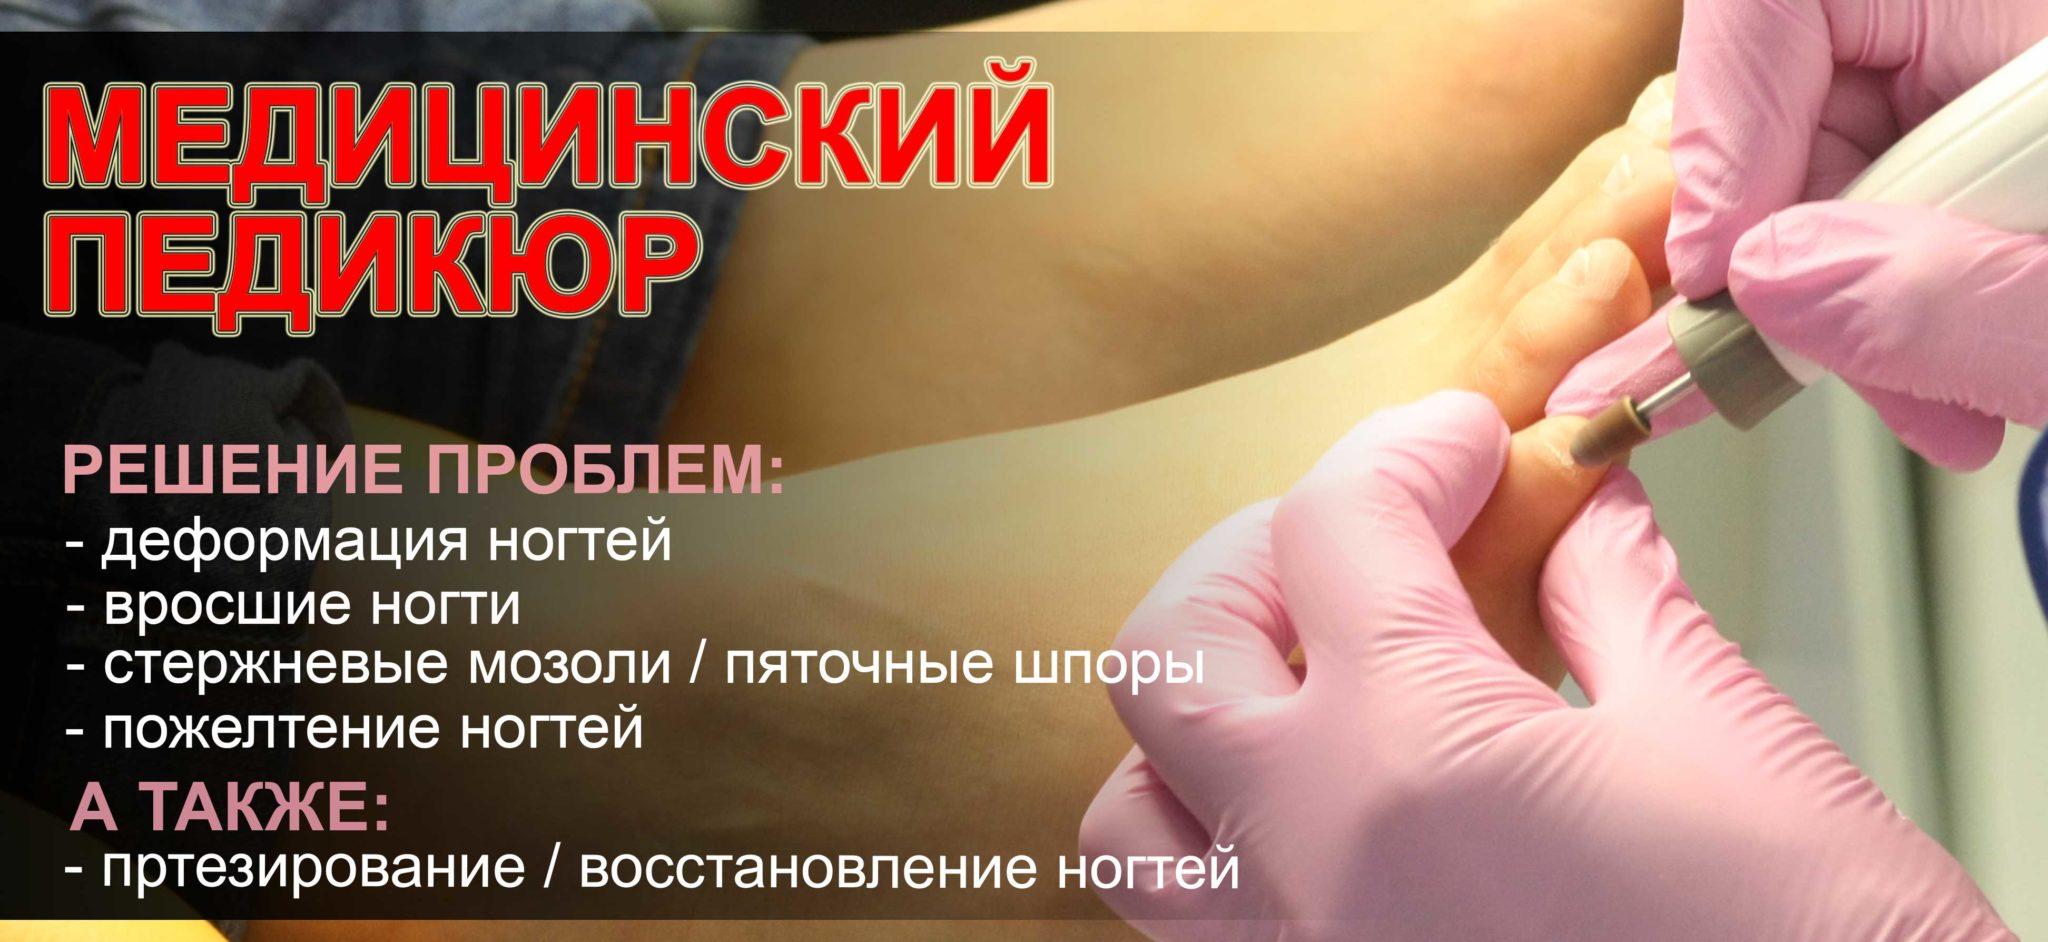 medicinskiy-pedikyur